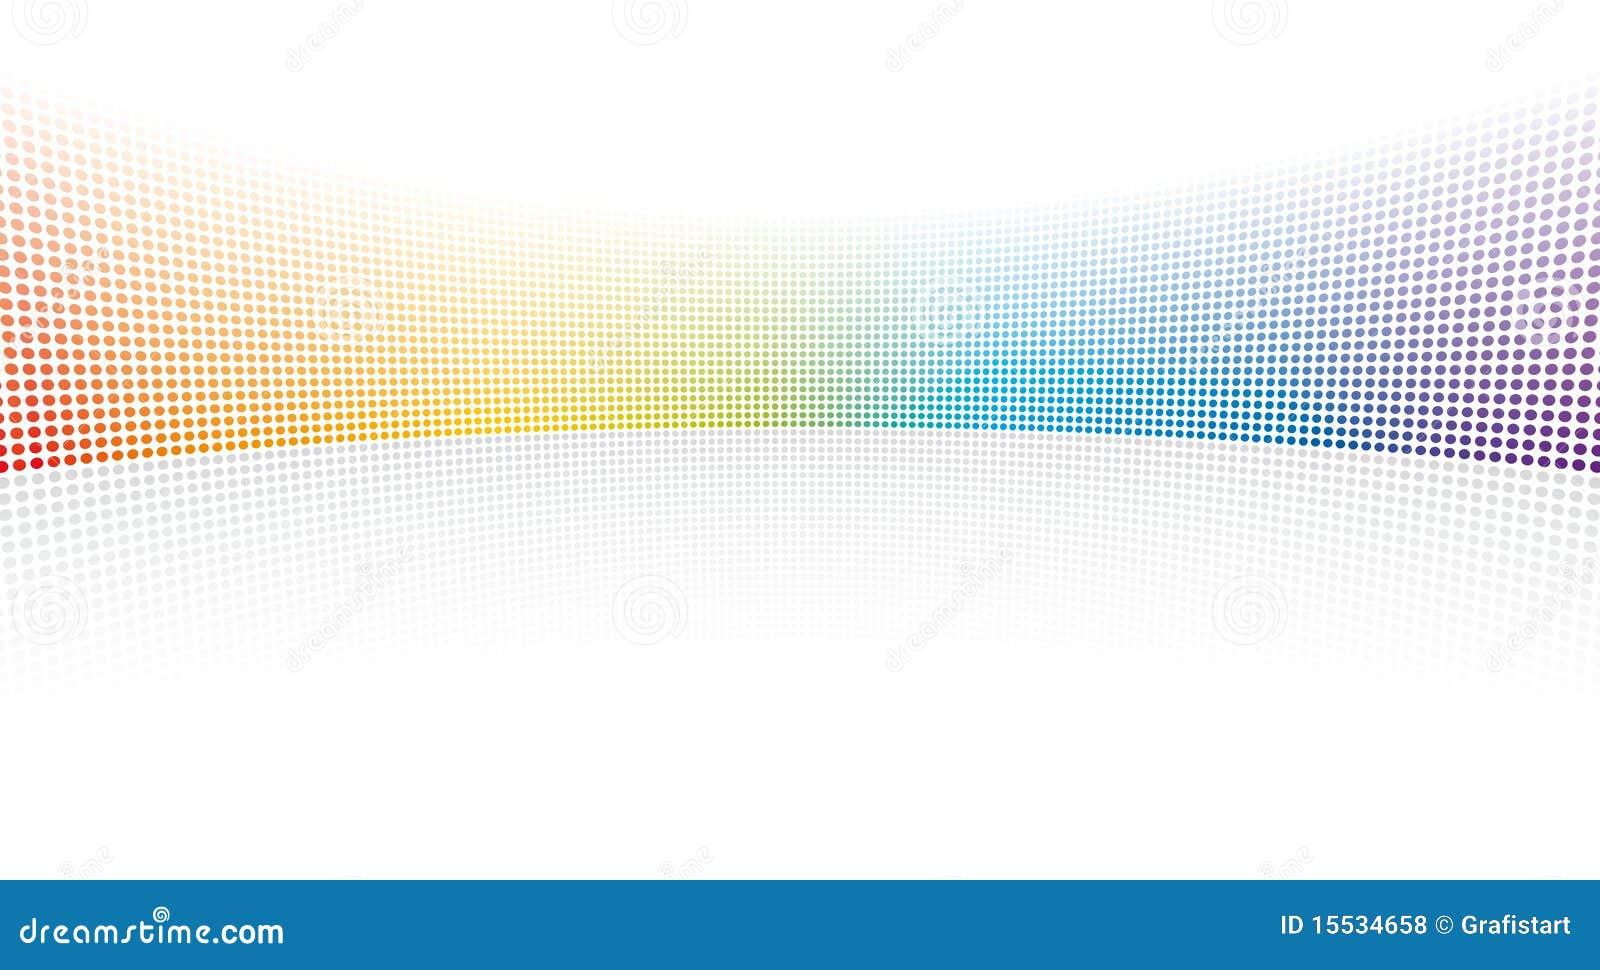 Het spectrumpunten van de kleur